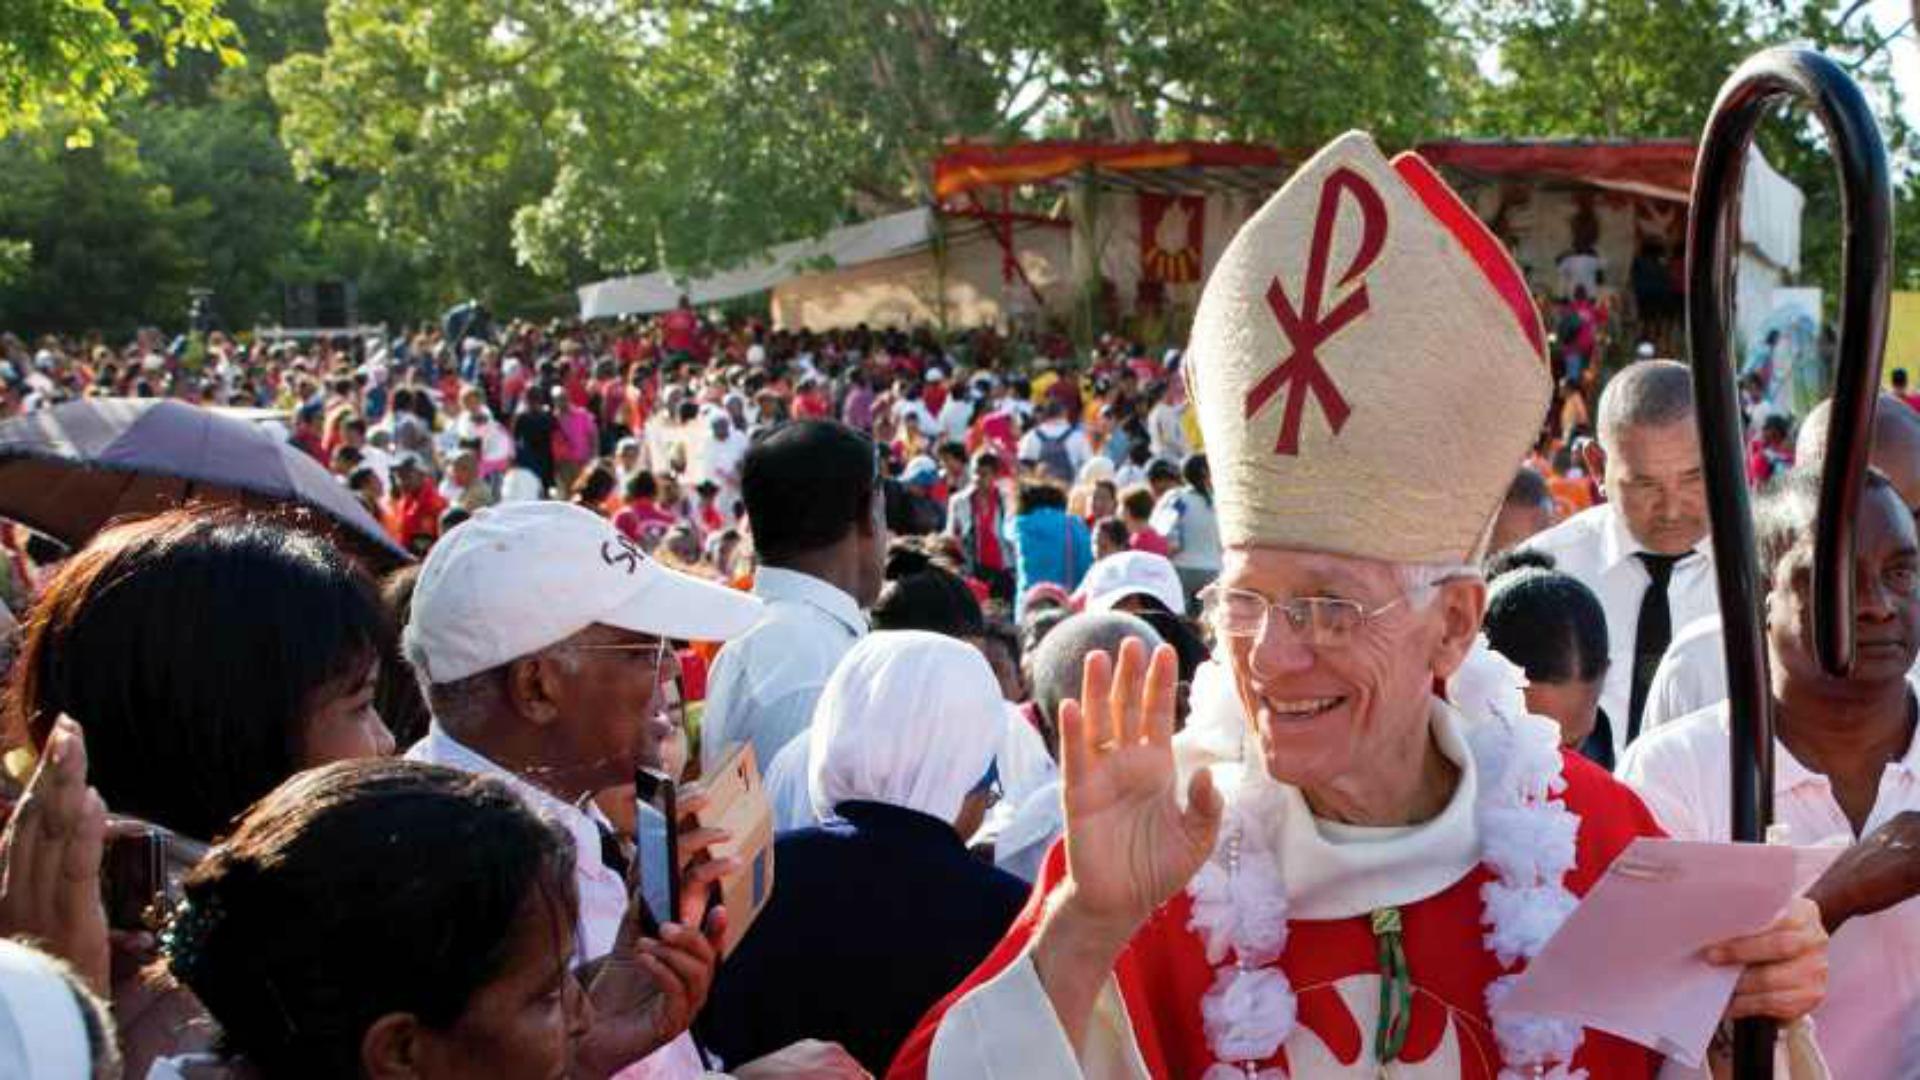 mgr-maurice-piat-ev_que-de-port-louis-photo-www_dioceseportlouis_org.jpg